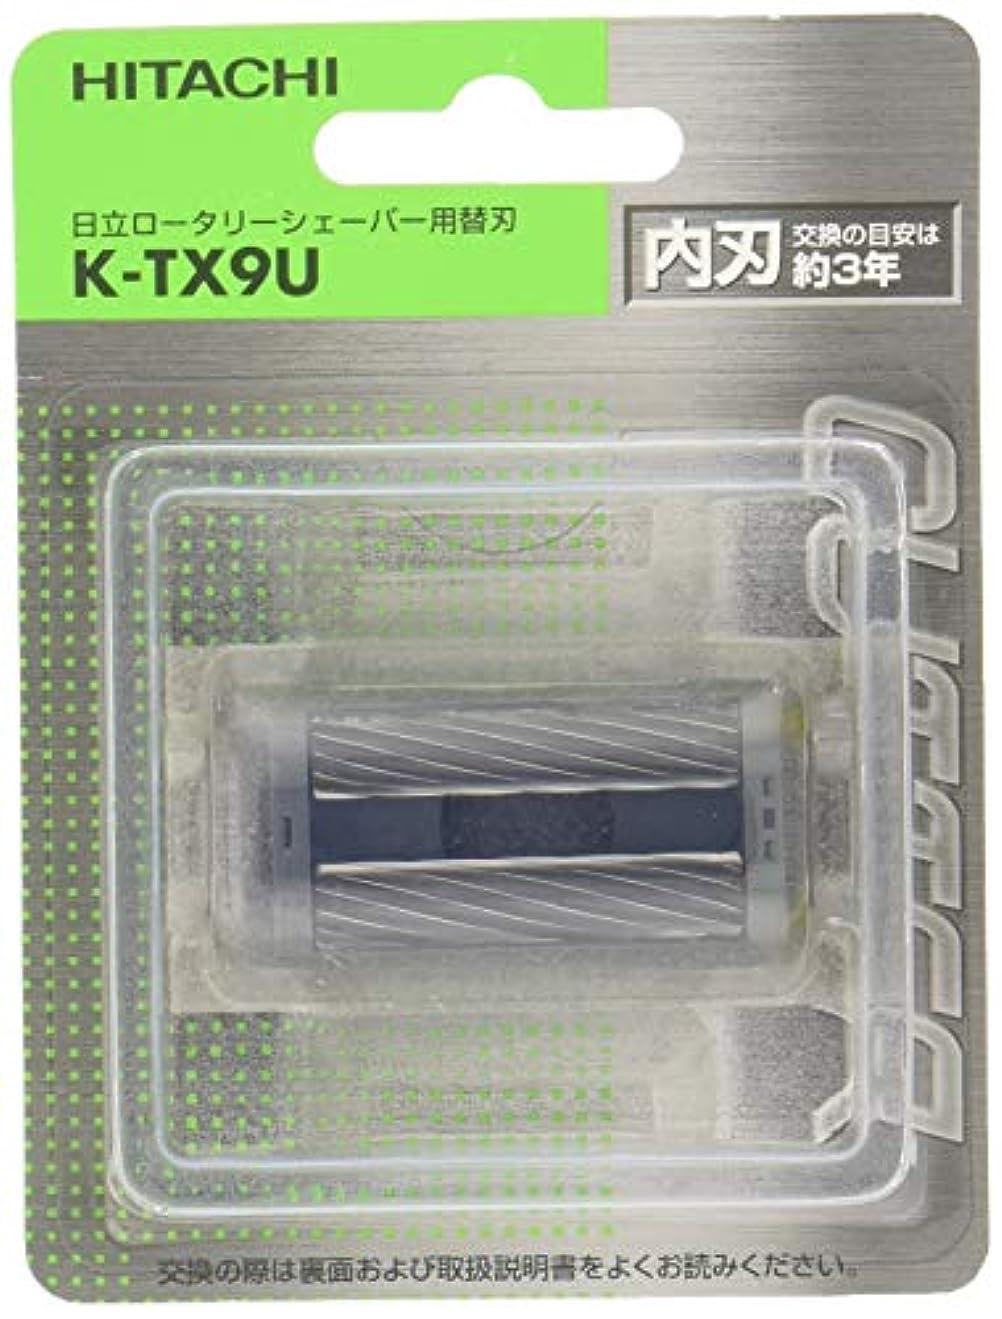 フランクワースリーデュアル改修日立 替刃 内刃 K-TX9U